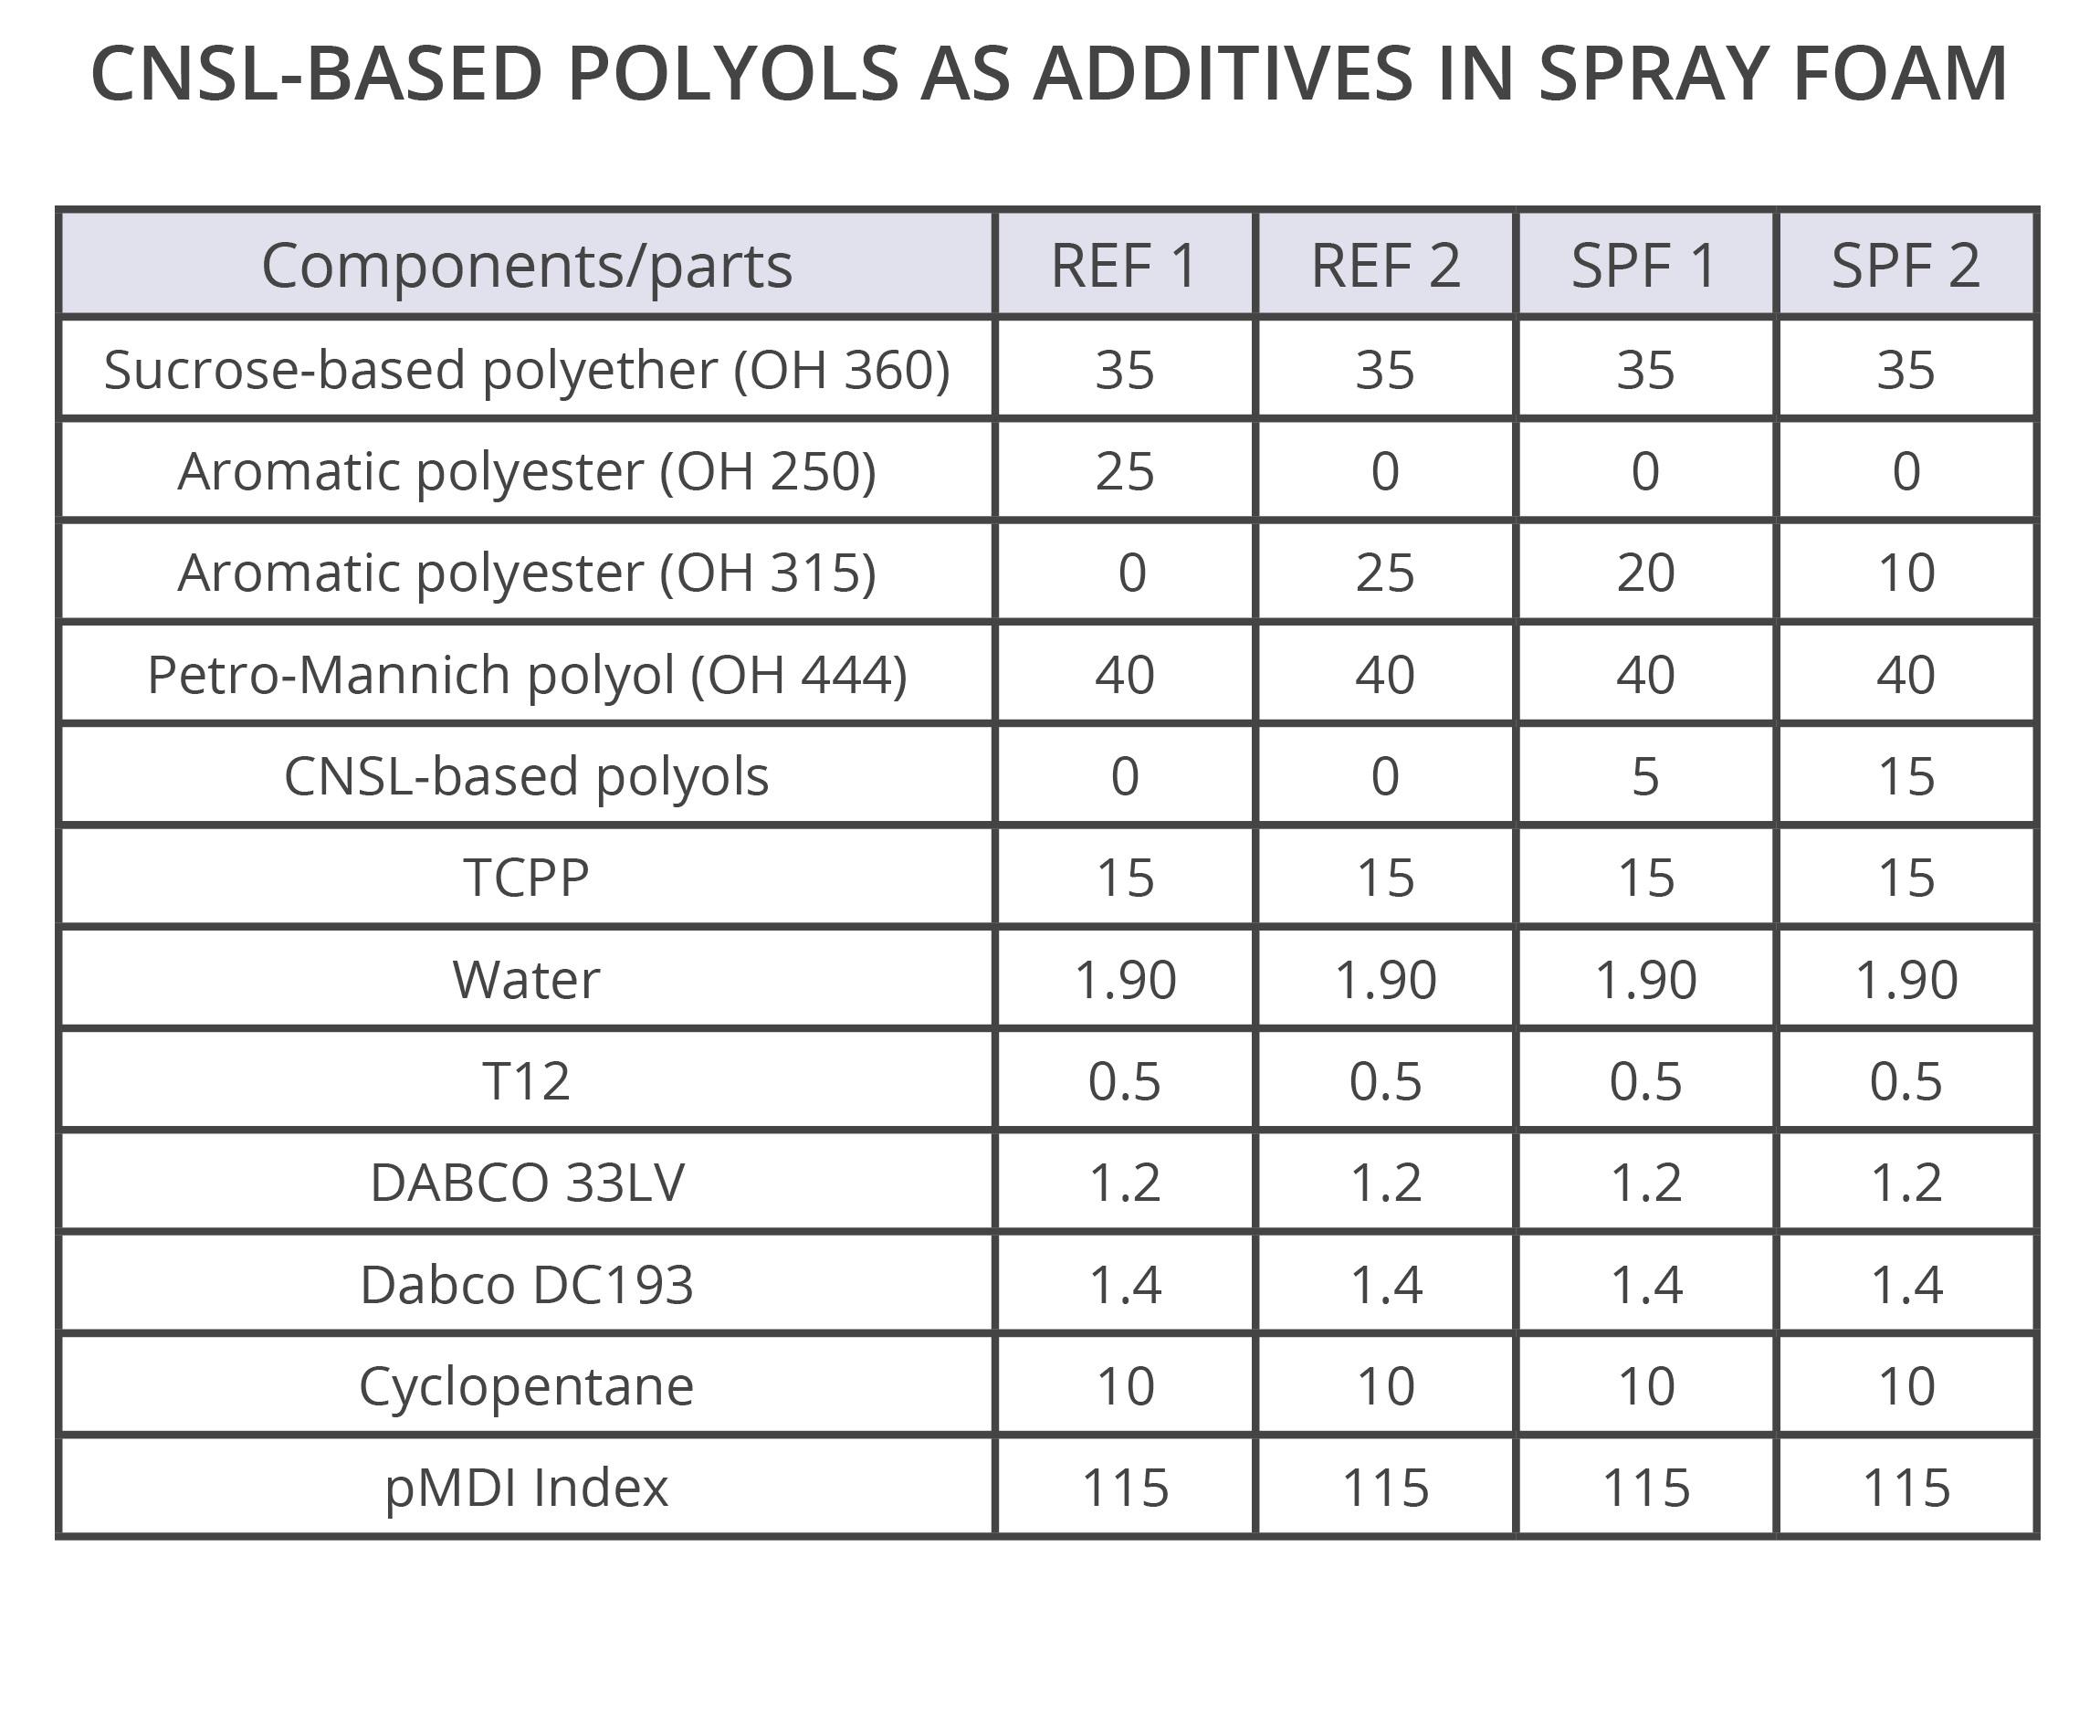 Polyurethane spray foams using CNSL polyols